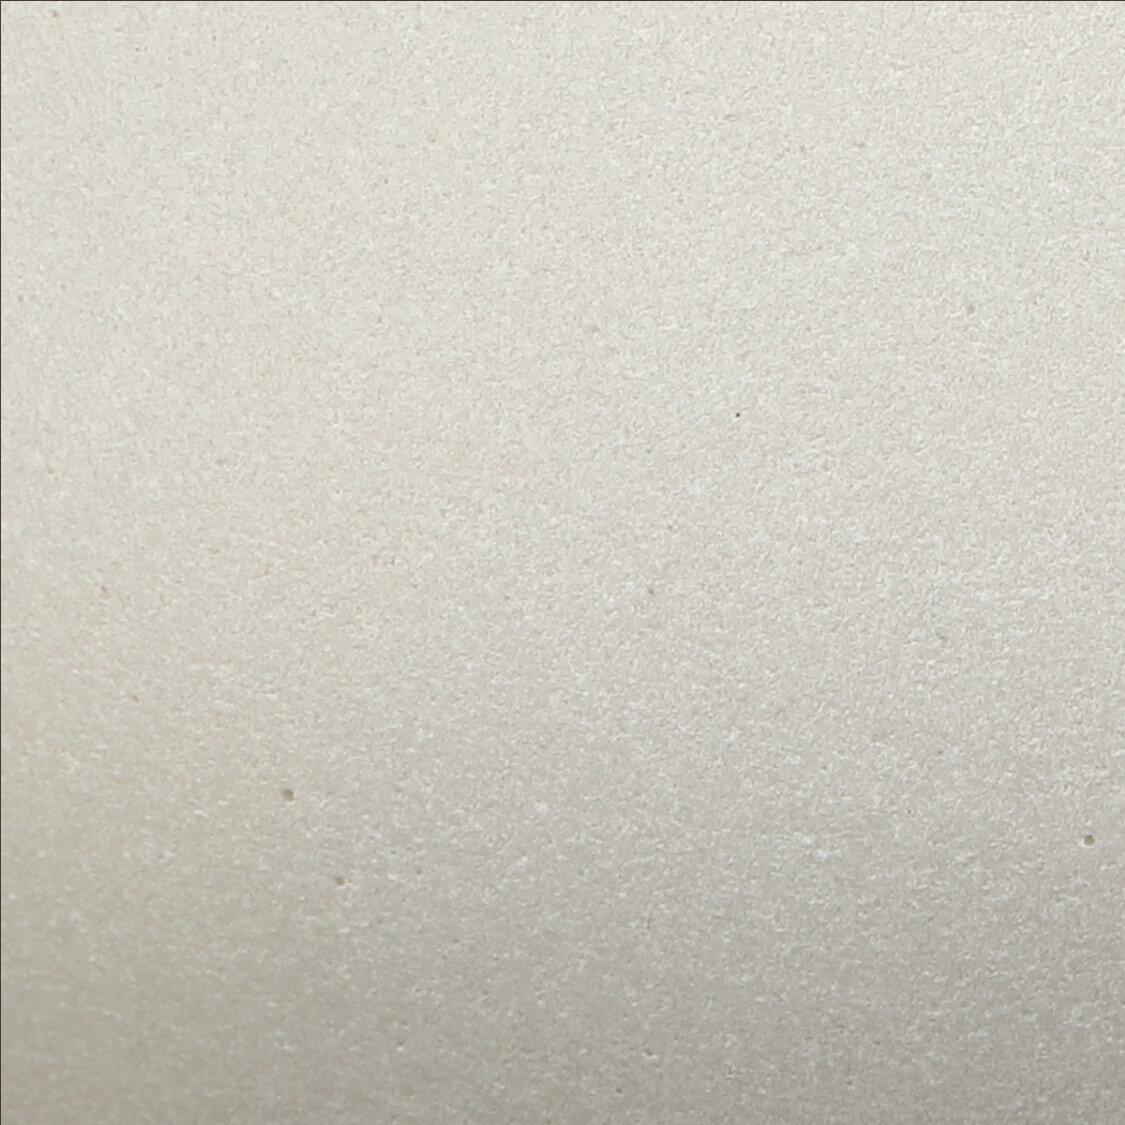 Настольный горшок для цветов Идеалист Стоун Кубок уайд D36 H16 текстура